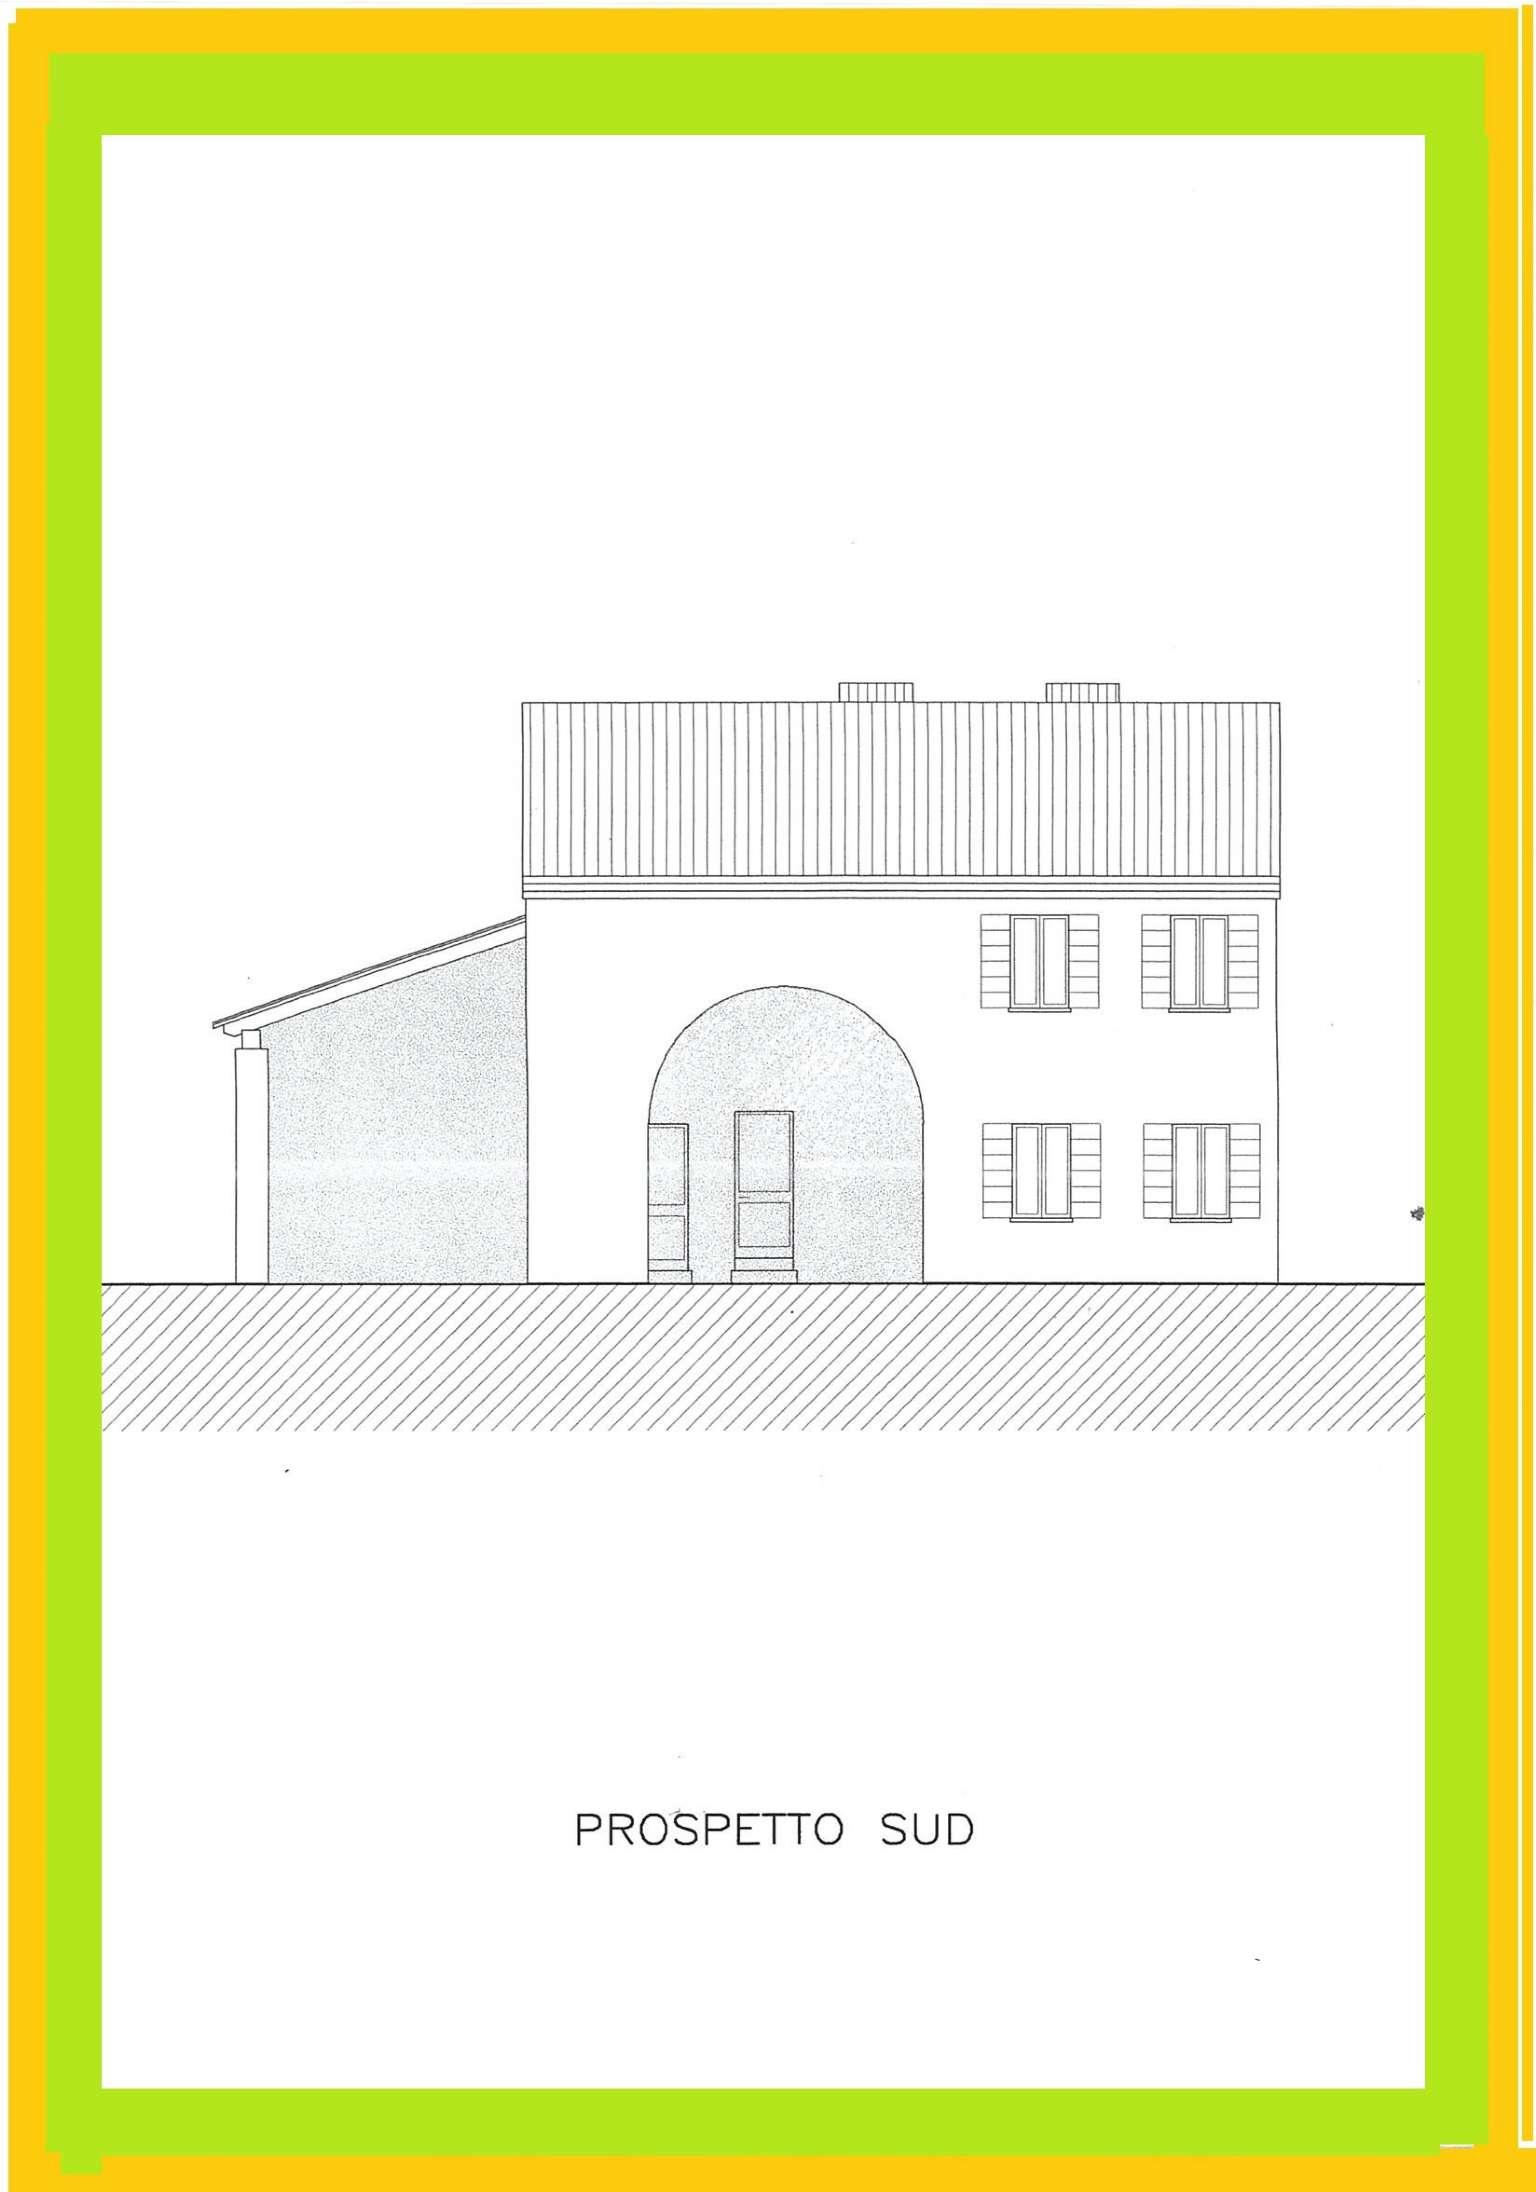 Villa in vendita a Castelfranco Veneto, 6 locali, prezzo € 110.000 | Cambio Casa.it